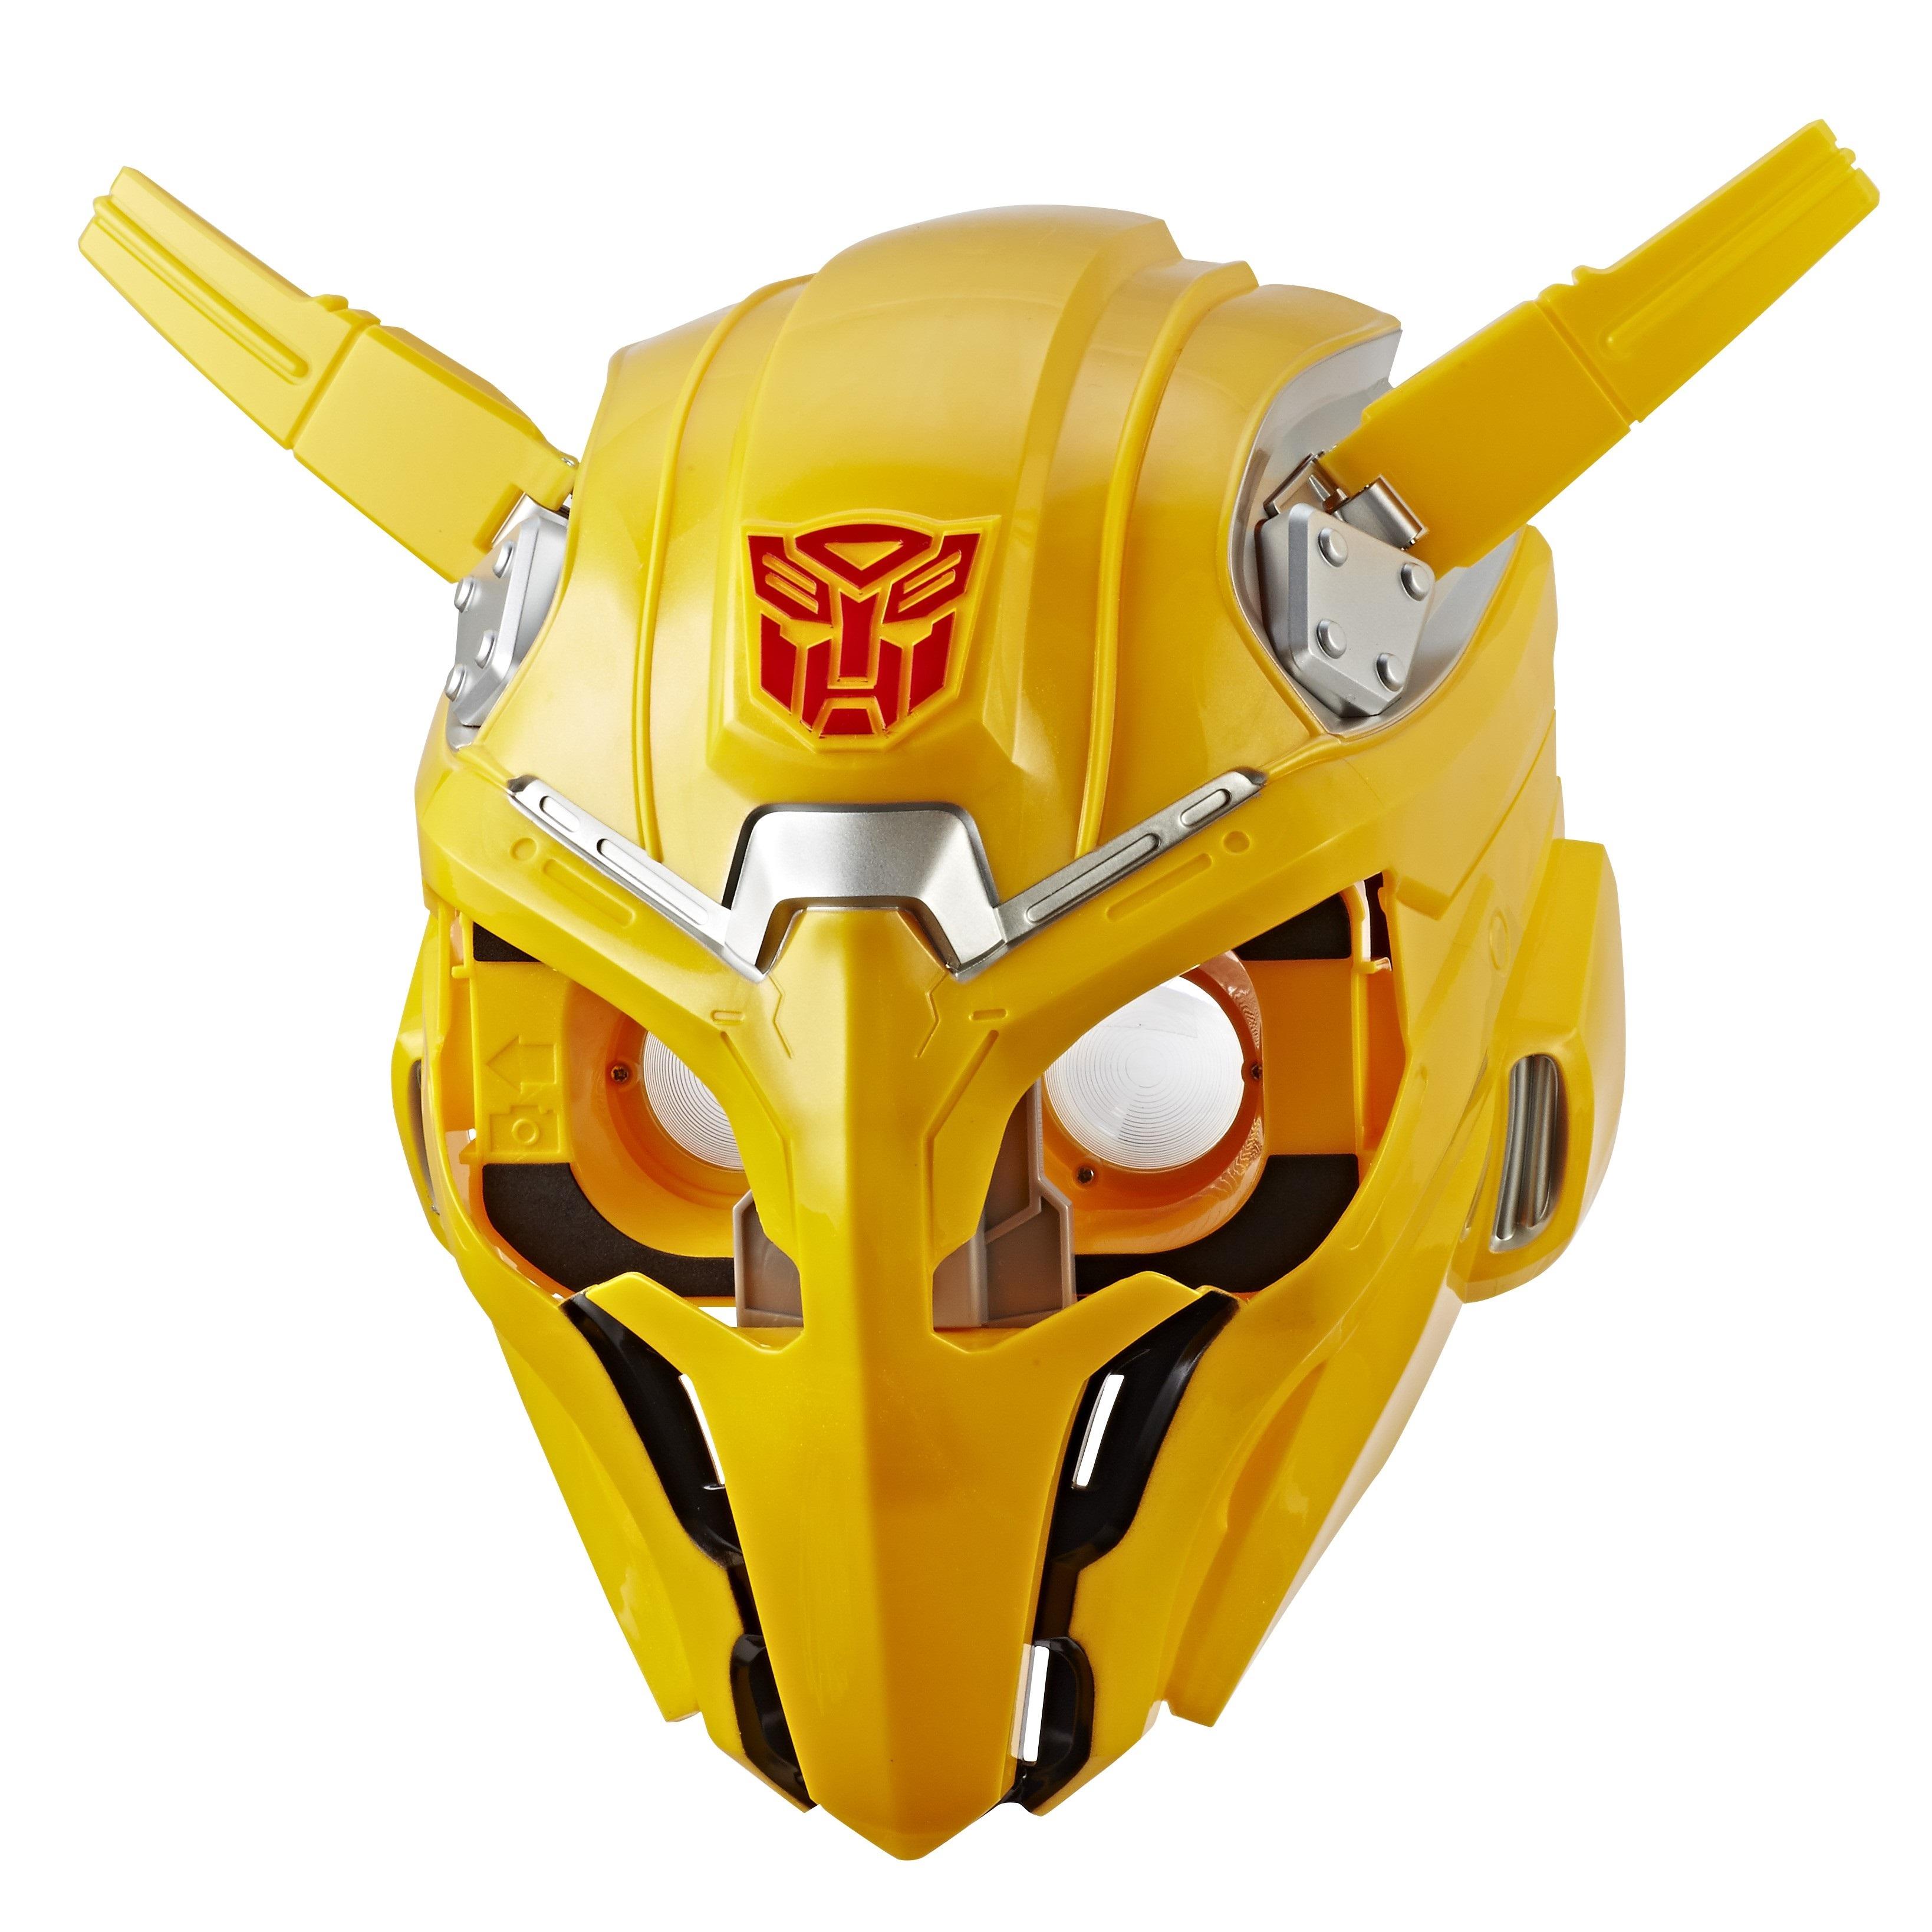 Экипировка героев Transformers Набор виртуальной реальности Transformers с маской шлем виртуальной реальности qs virus box